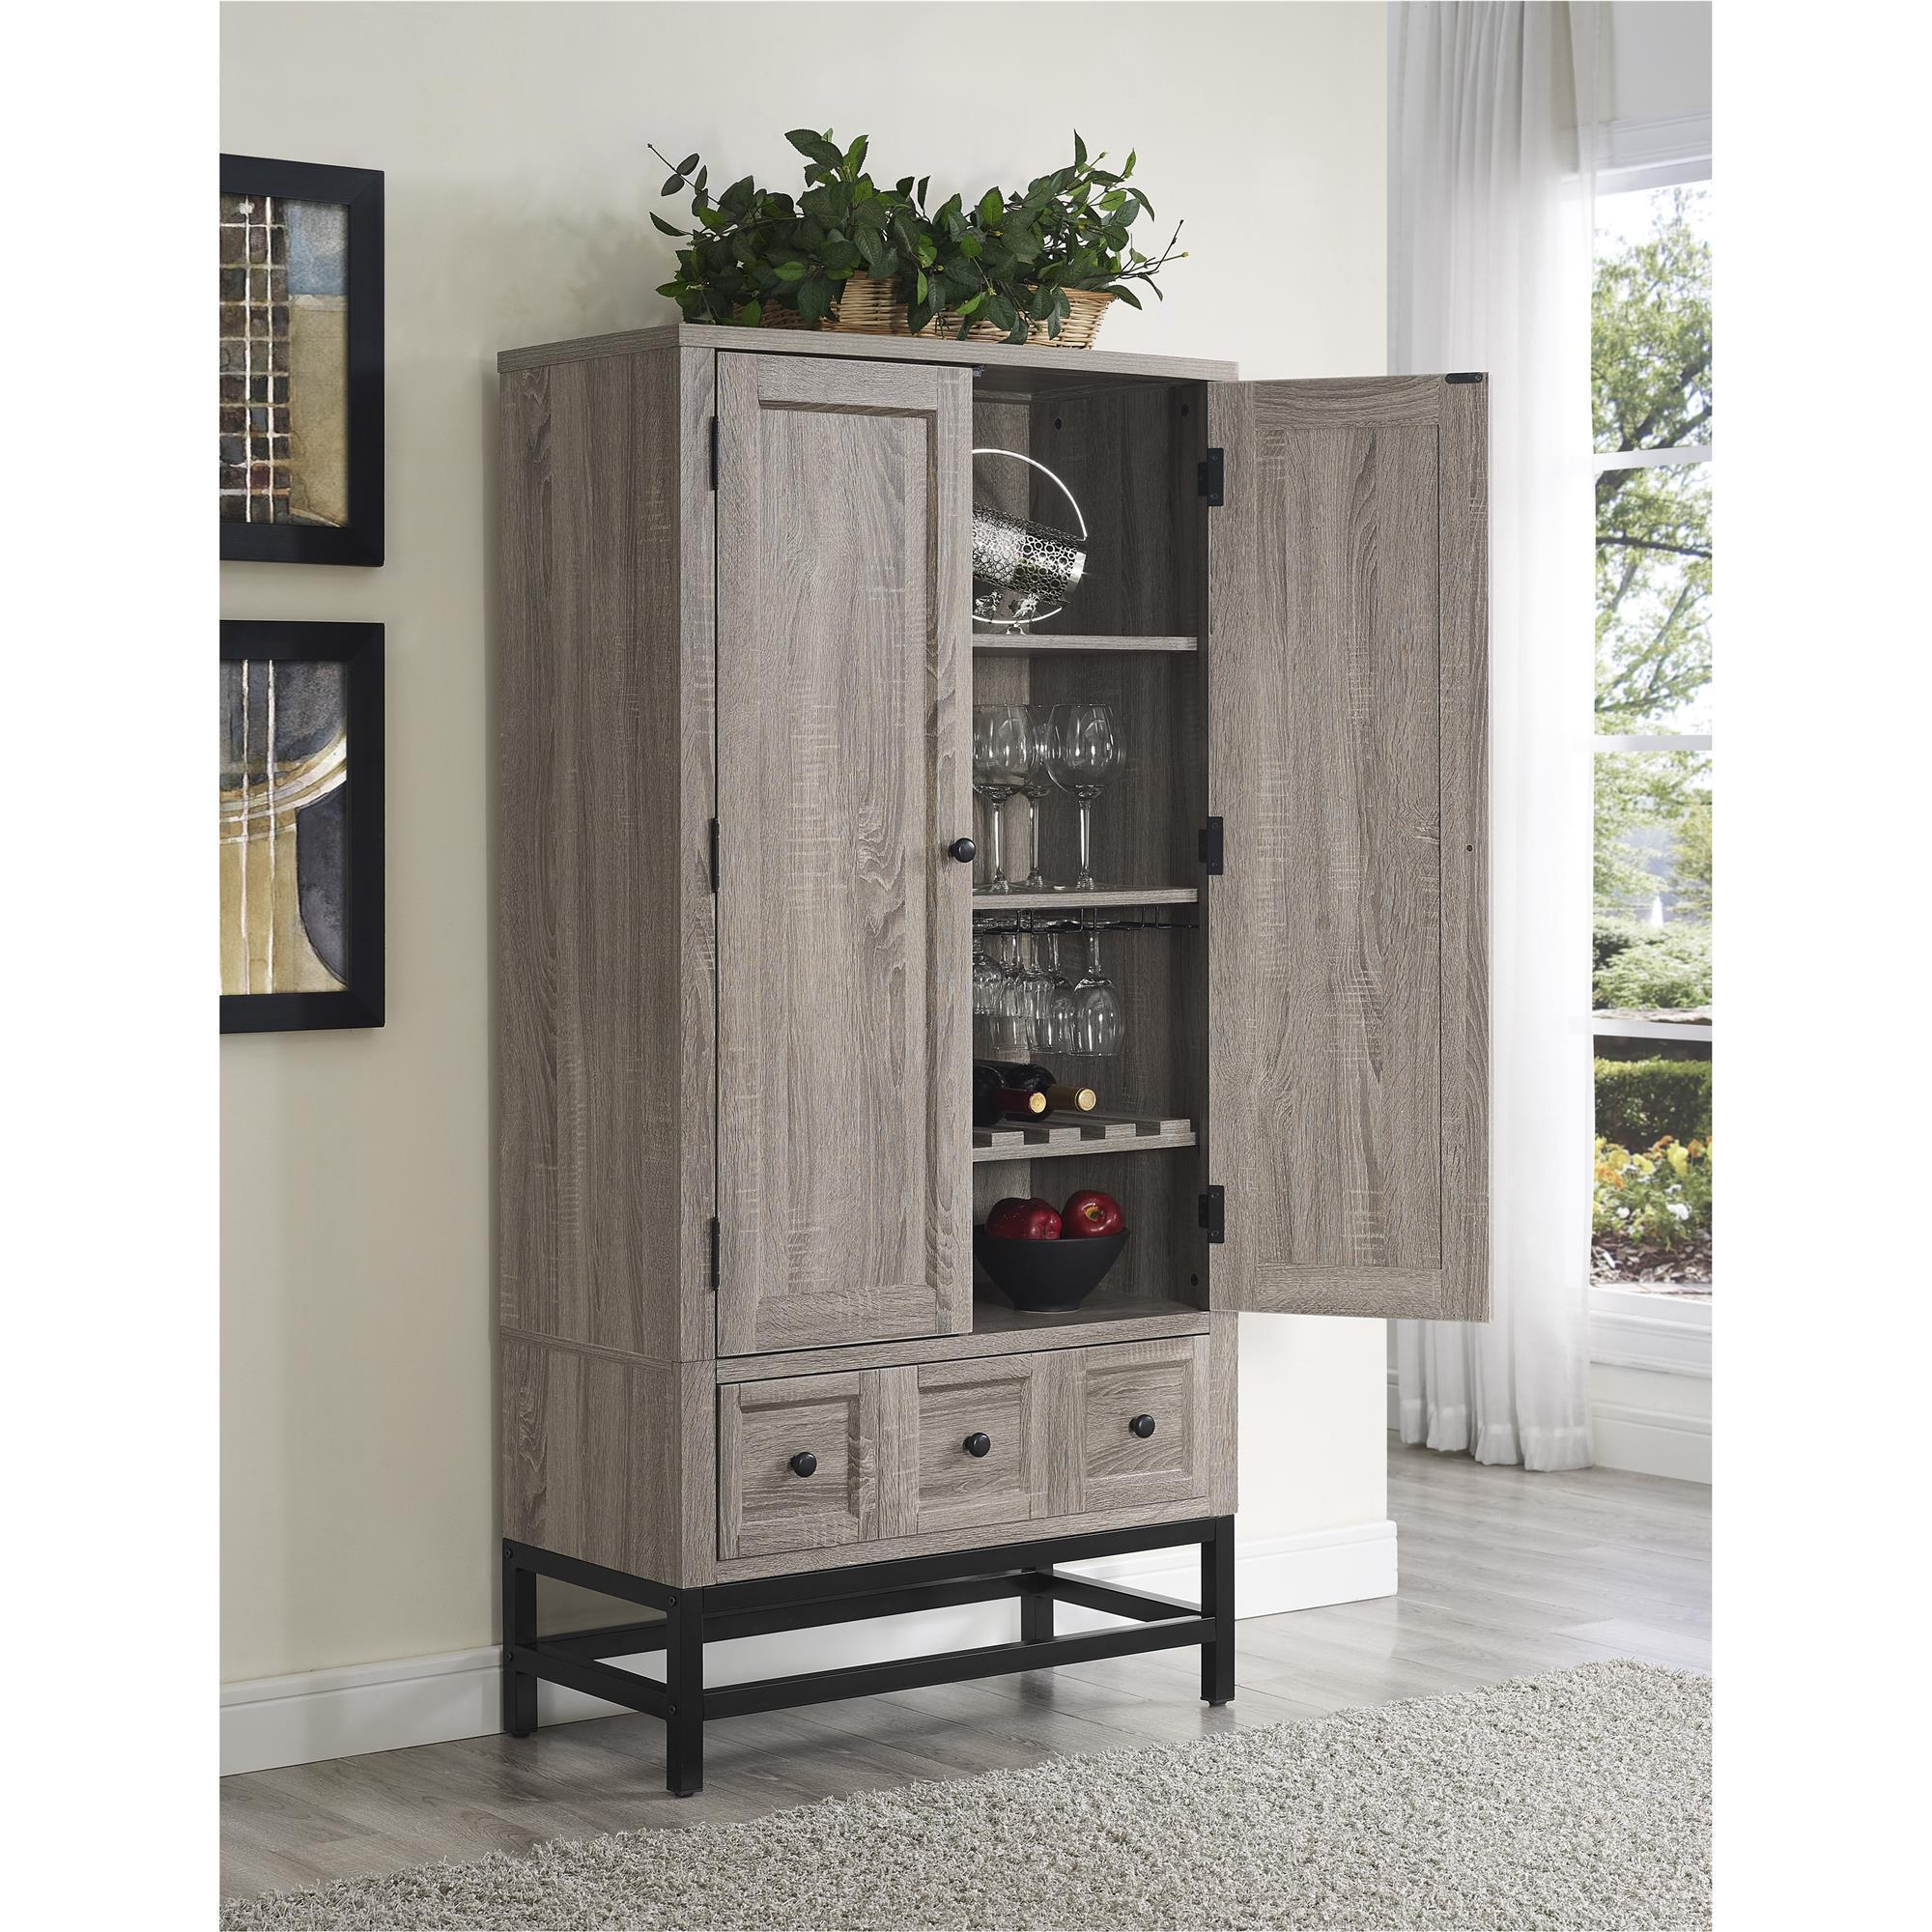 Shop The Gray Barn Latigo Sonoma Oak Beverage Cabinet - Free ...